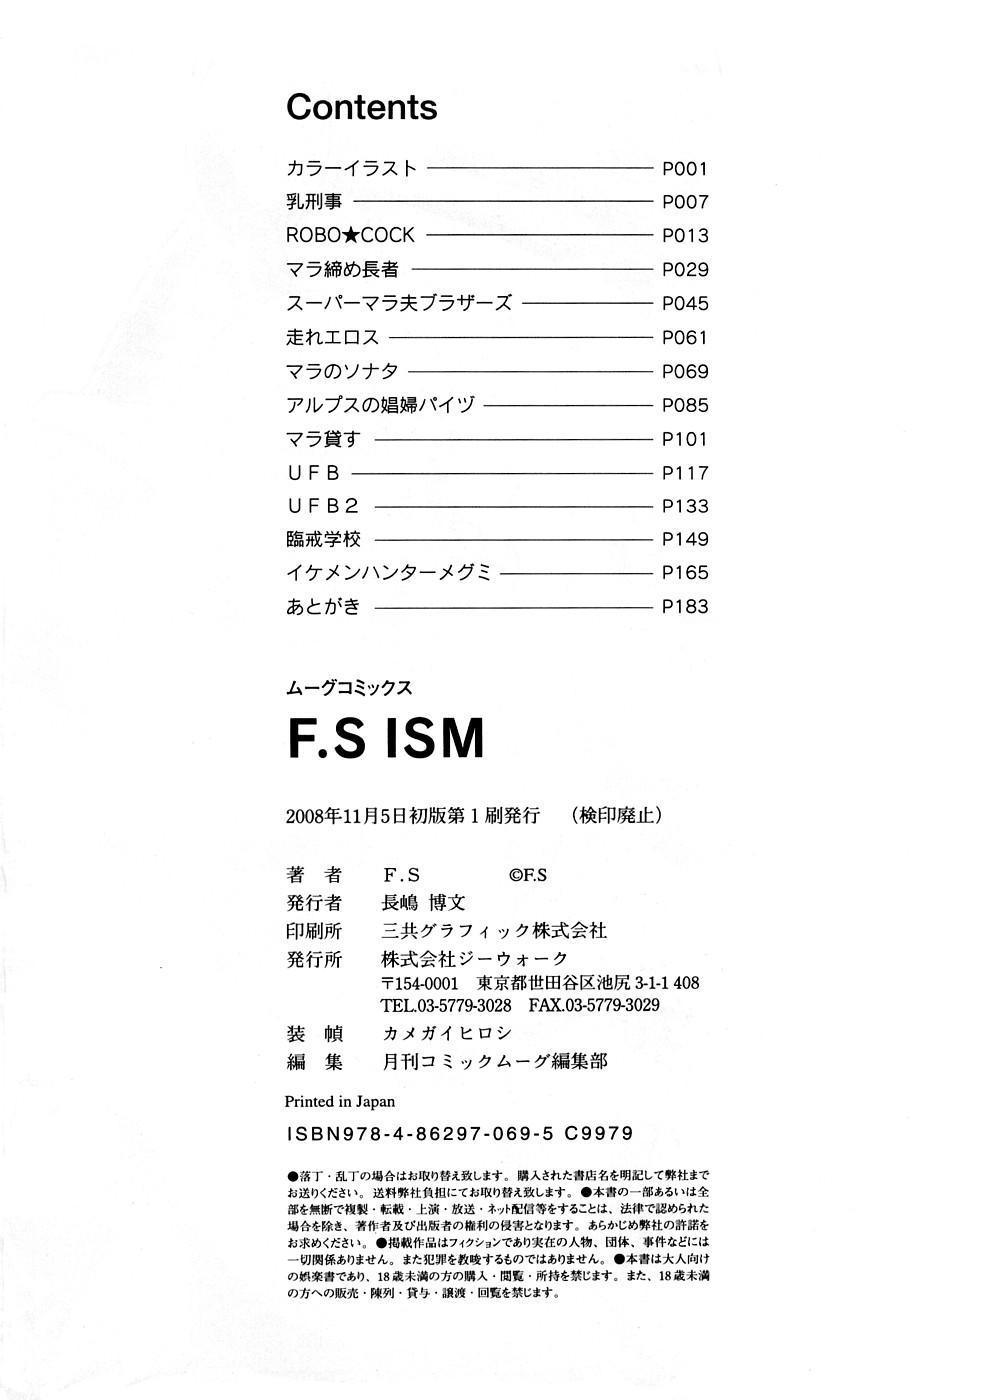 F.S ISM 185